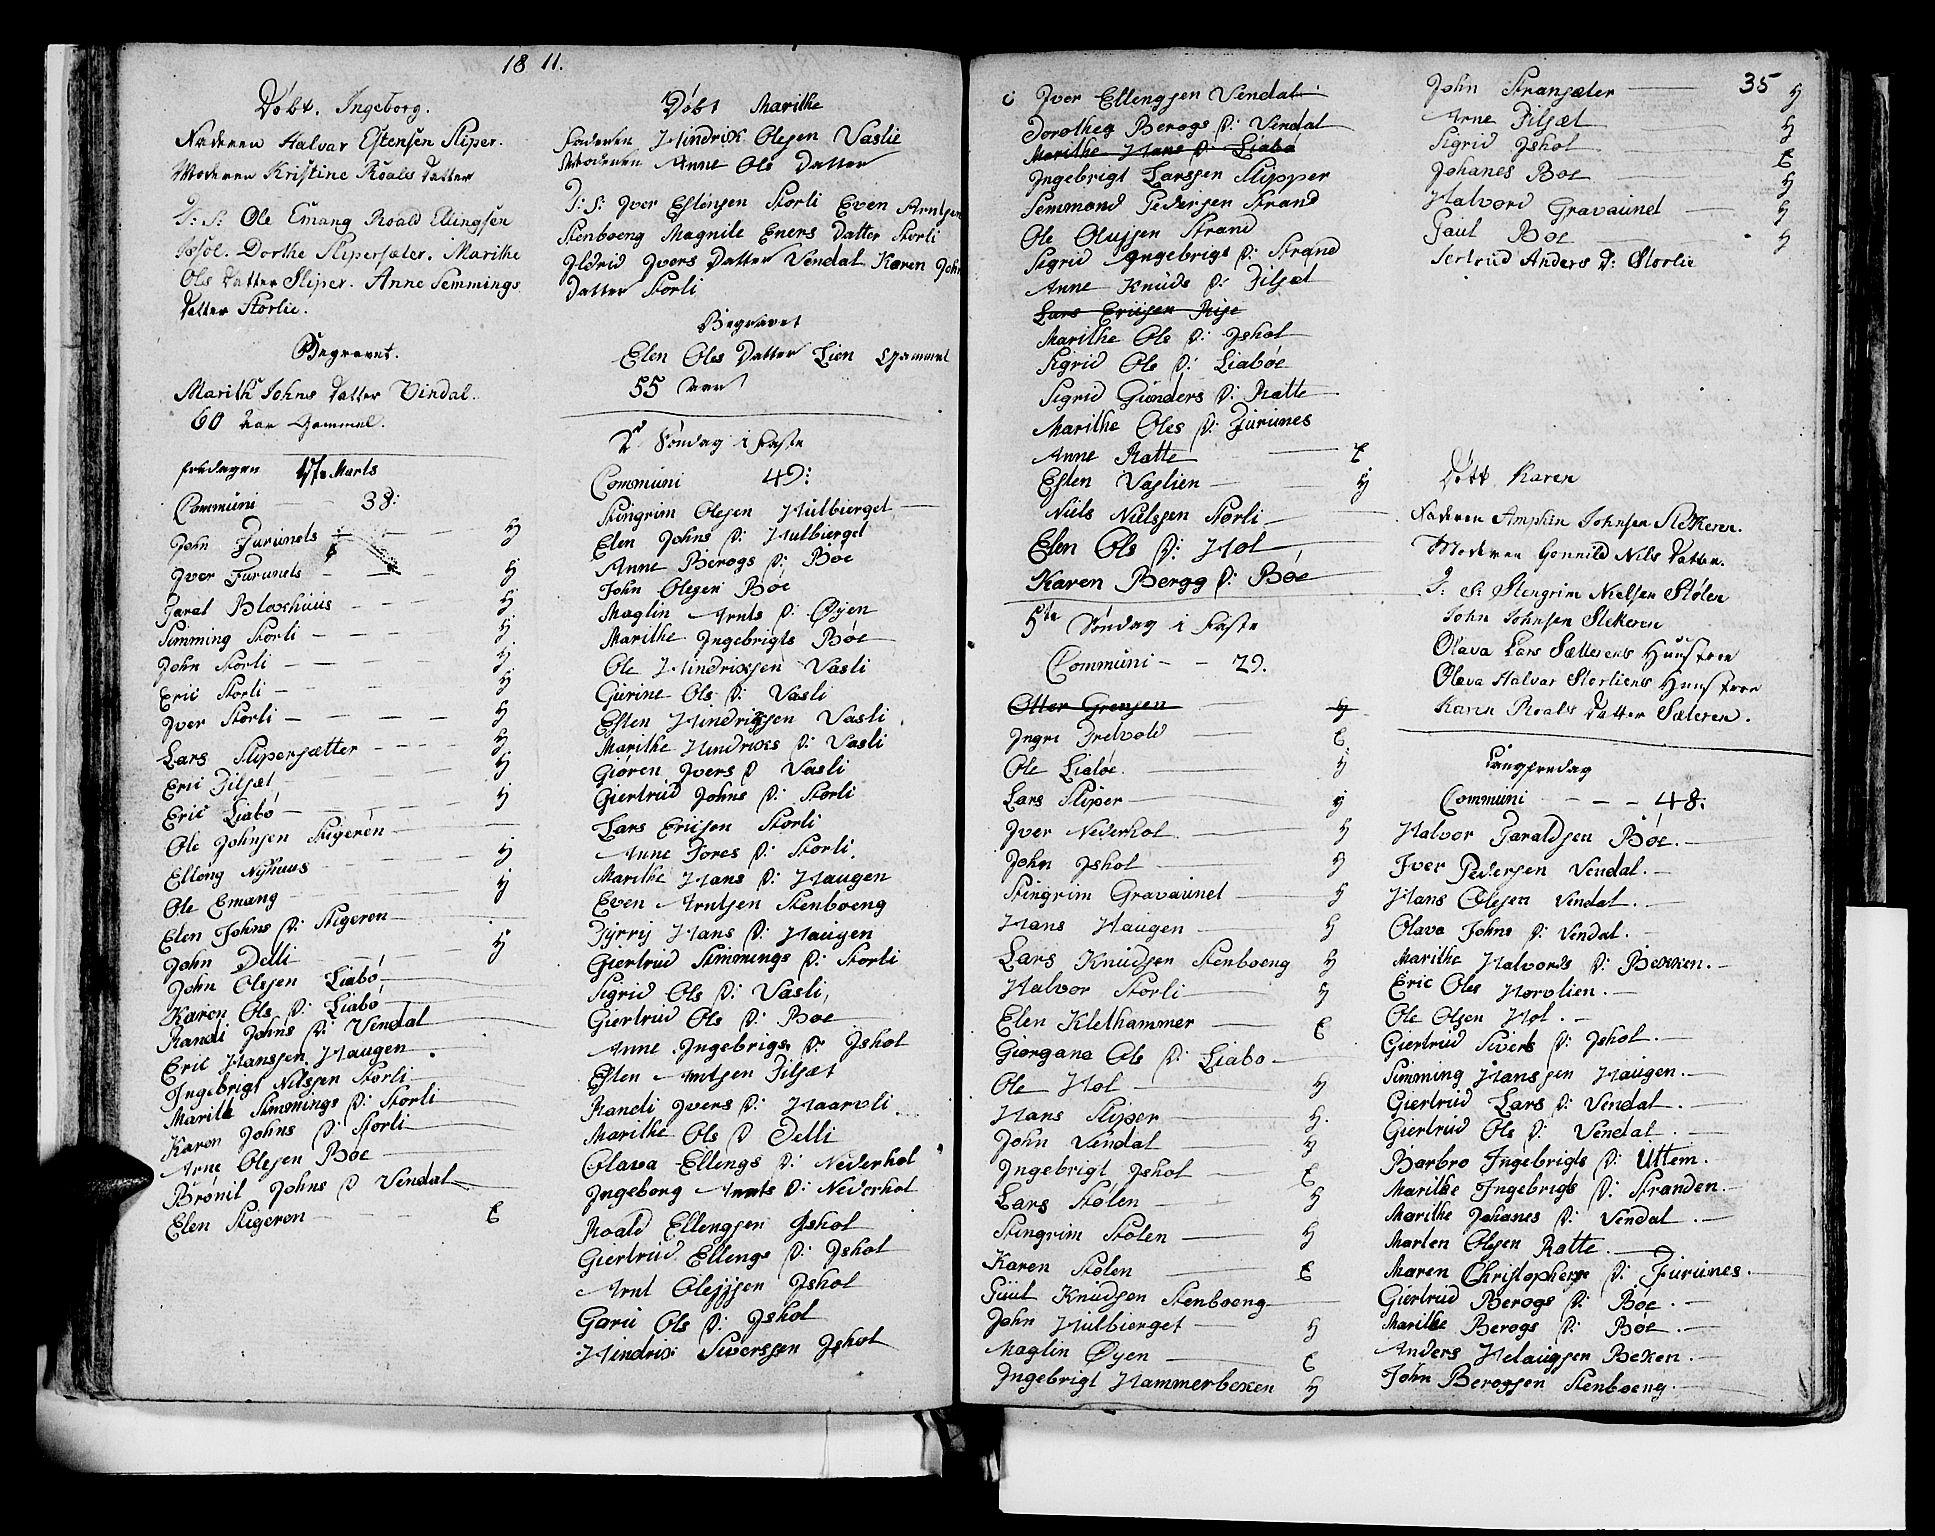 SAT, Ministerialprotokoller, klokkerbøker og fødselsregistre - Sør-Trøndelag, 679/L0921: Klokkerbok nr. 679C01, 1792-1840, s. 35